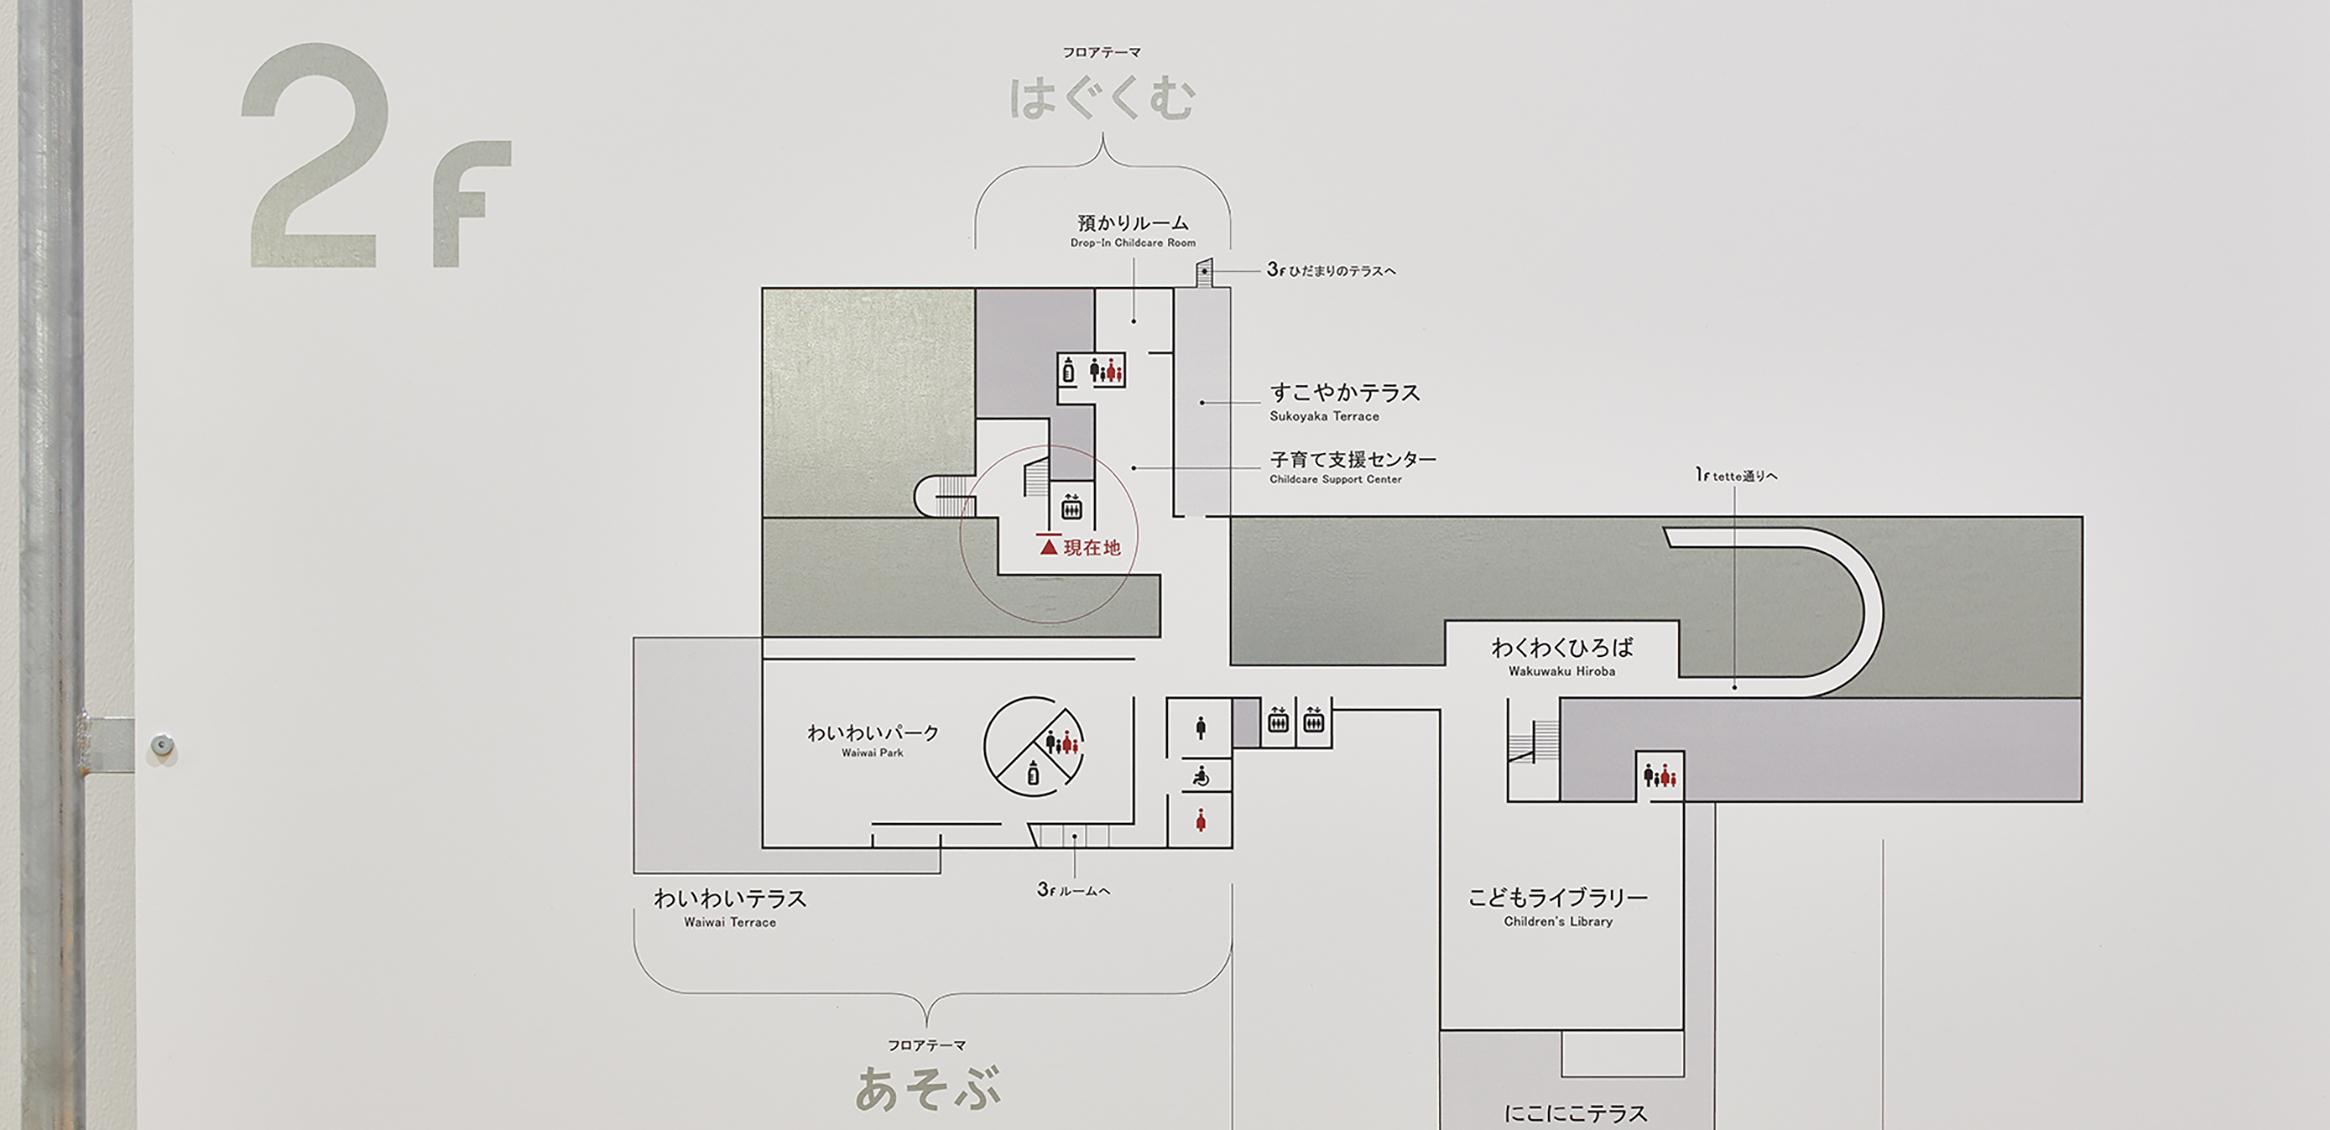 須賀川市民交流センターtette サイン計画6枚目